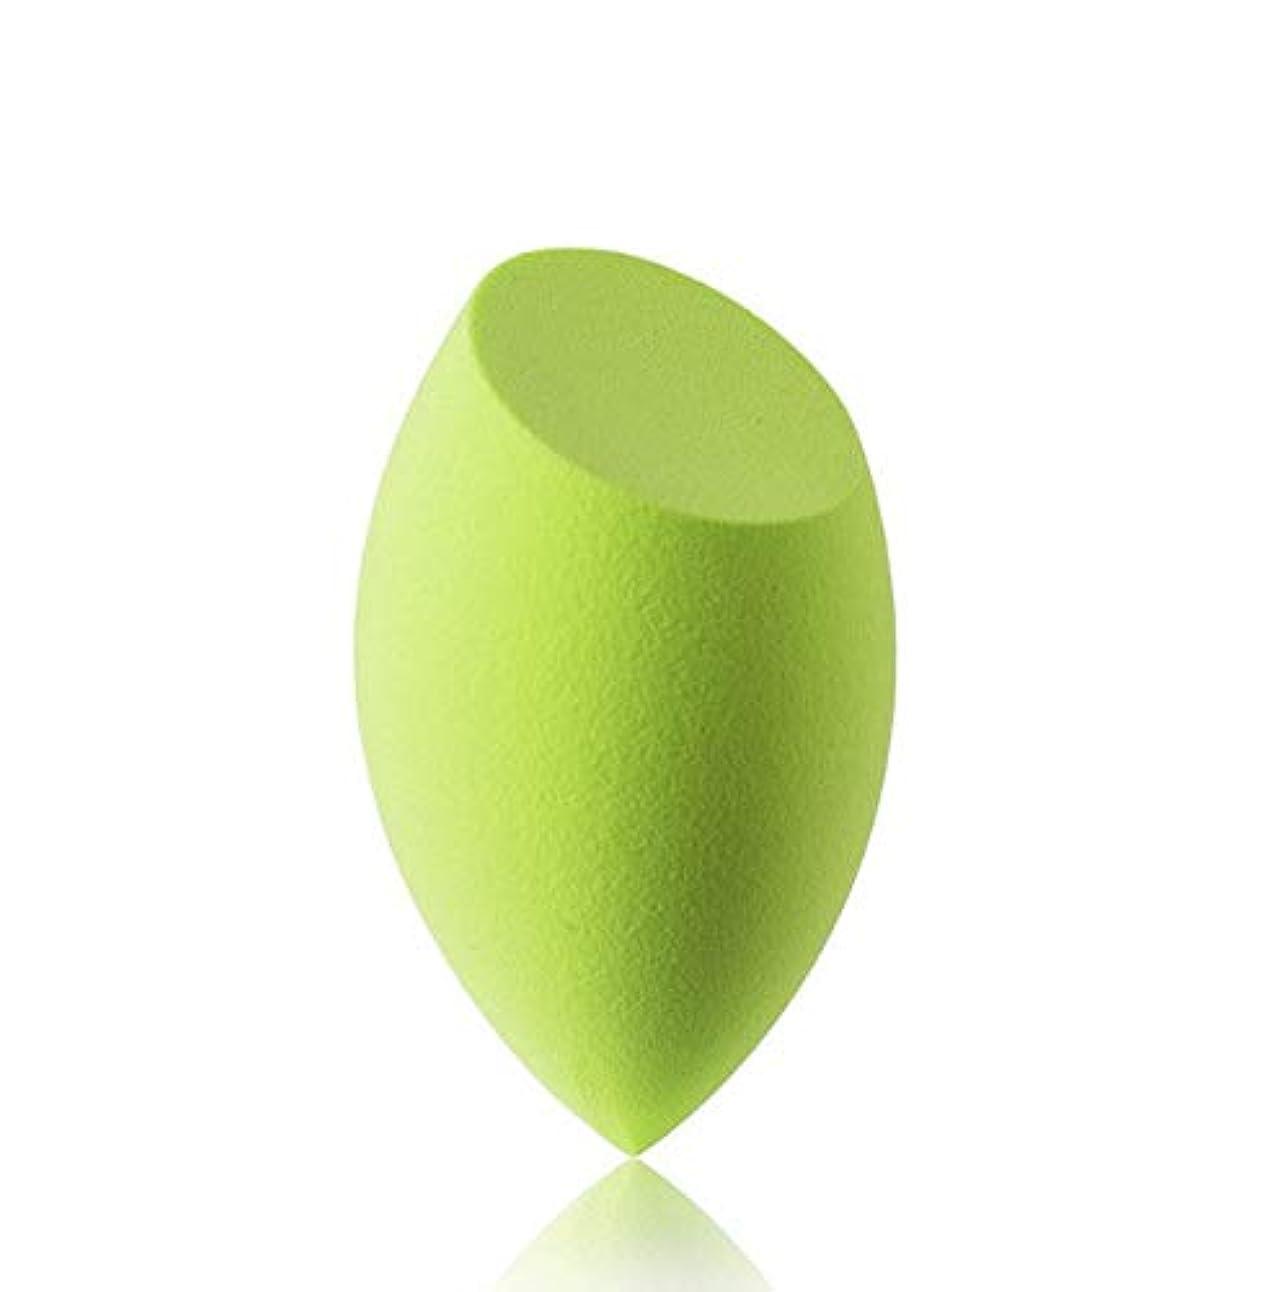 よろめく委員長お祝い美容スポンジ、ソフトブルー、グリーン美容エッグメイクブレンダーファンデーションスポンジ (Color : グリンー)